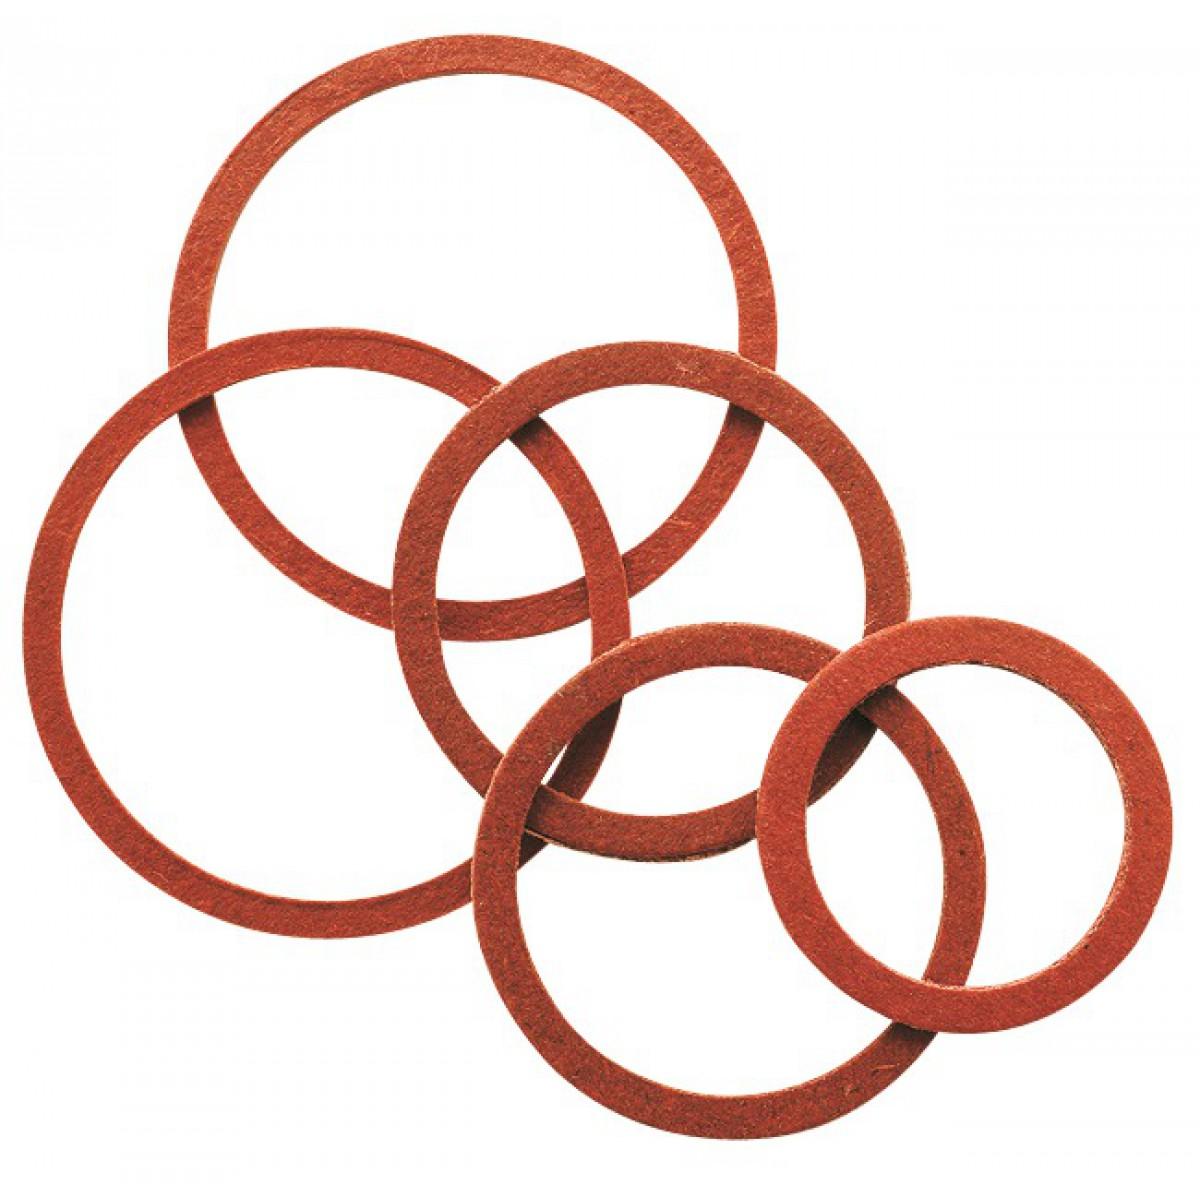 Joint fibre en sachet Gripp - Filetage 26 x 34 mm - Vendu par 15